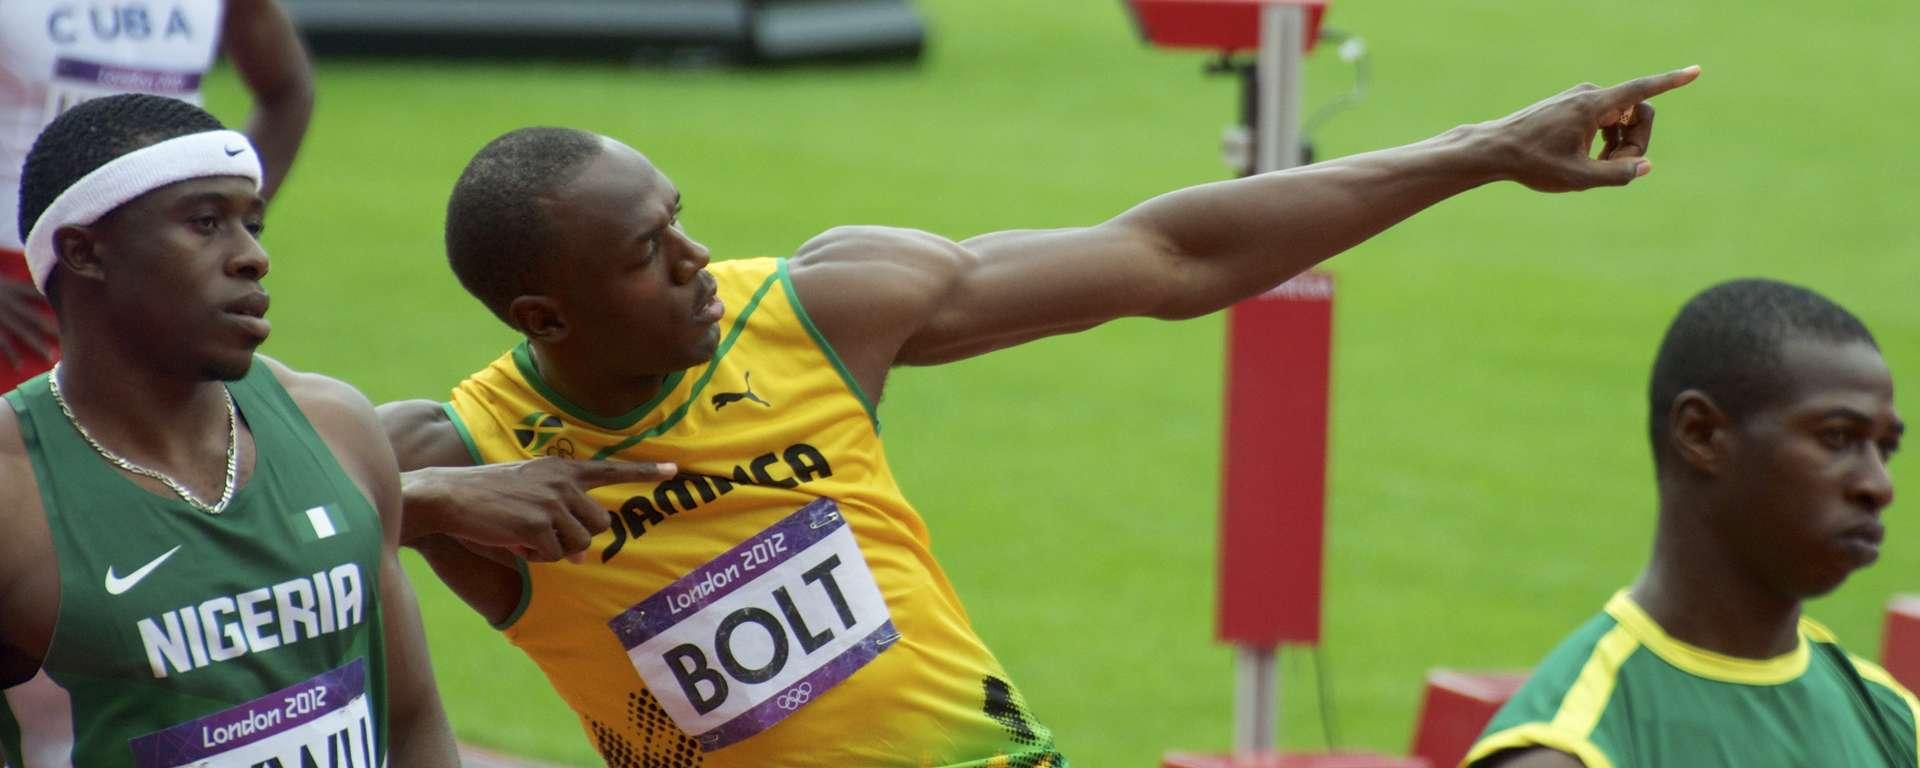 Usain Bolt, London 2012